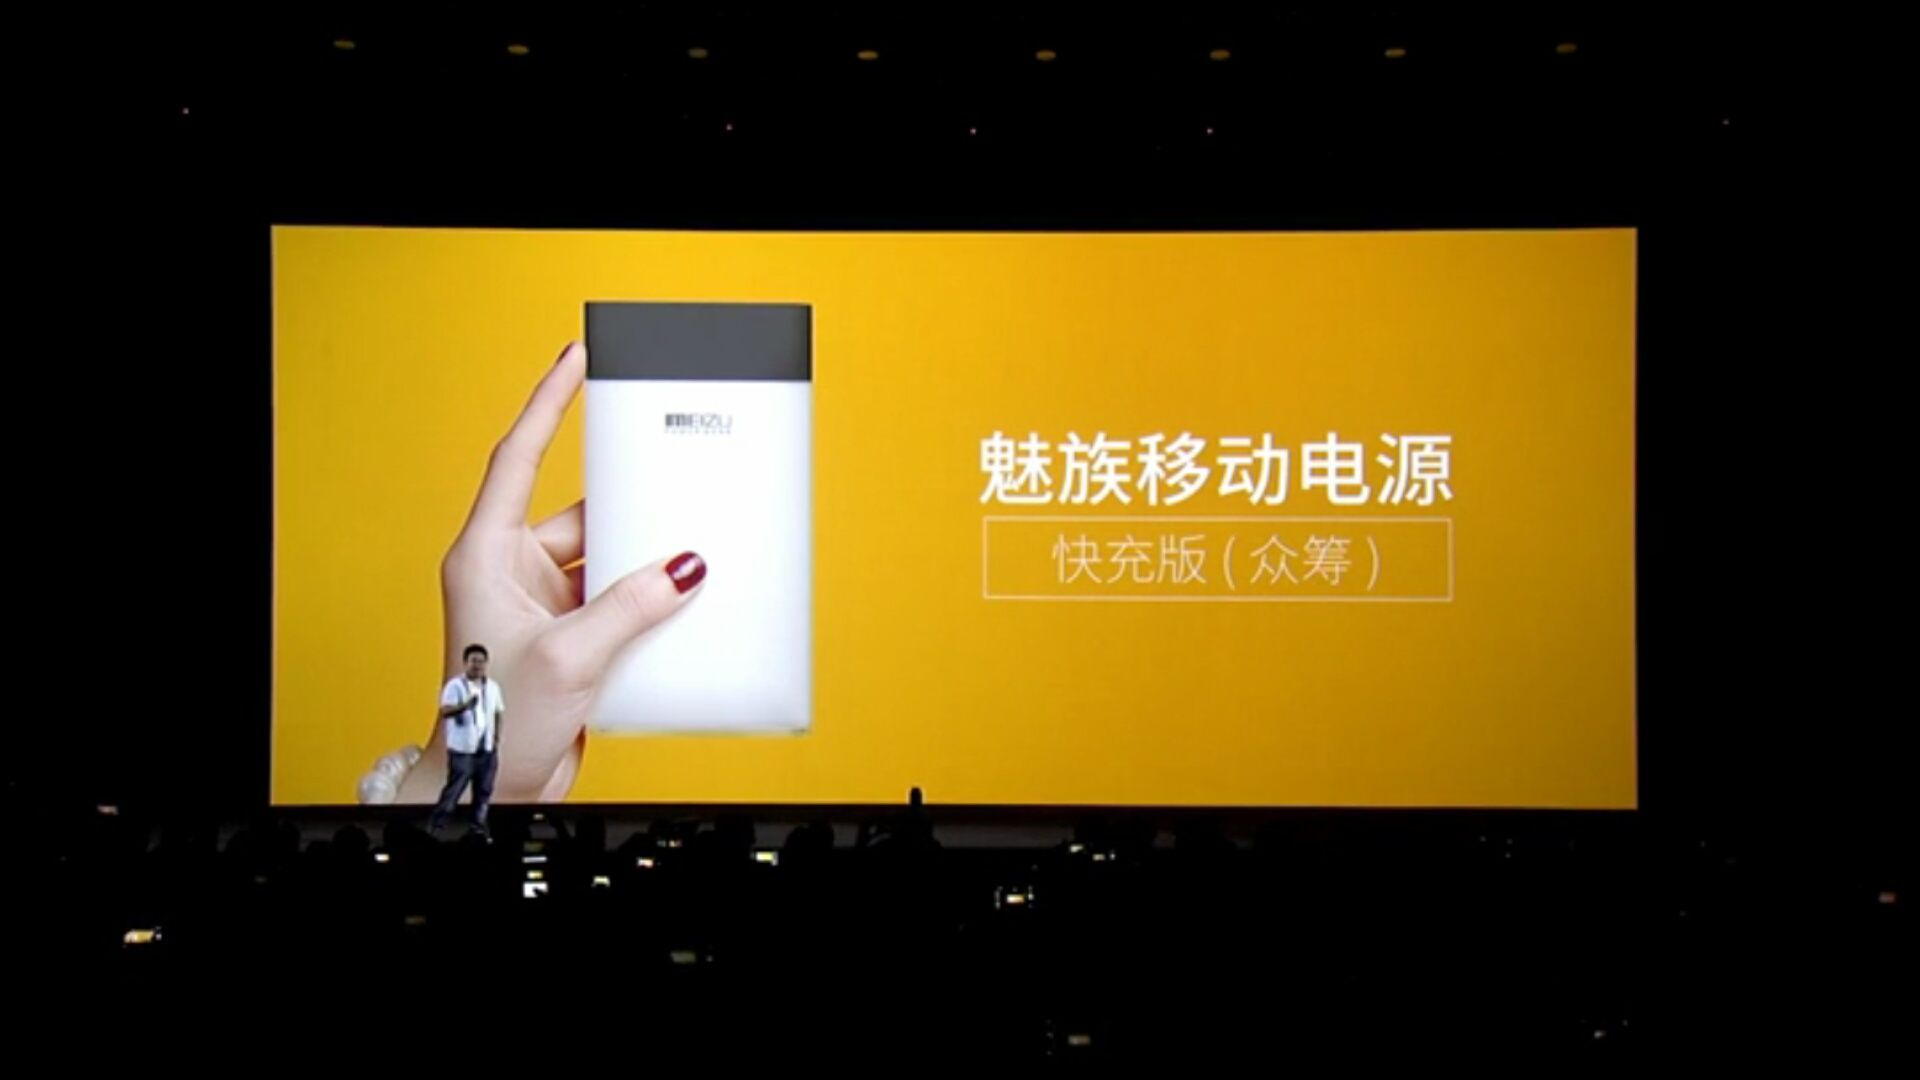 """10,000mAhのモバイルバッテリー""""Meizu PowerBank""""を発表。99元と非常に安価に。"""